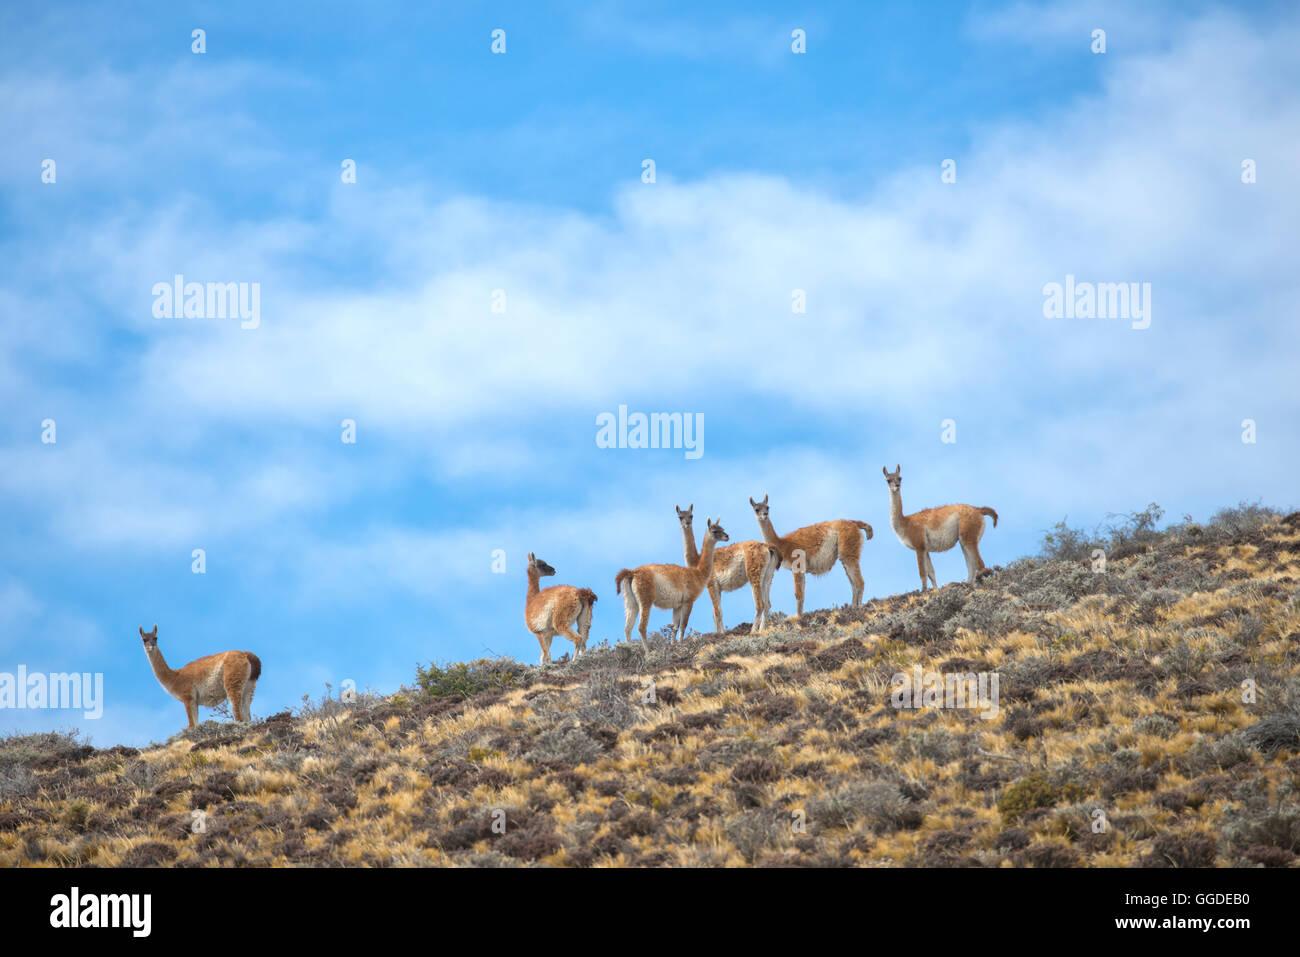 L'Amérique du Sud, Argentine, Patagonie, Santa Cruz, Cueva de los Manos, troupeau de Guanacos, Lama guanicoe Banque D'Images